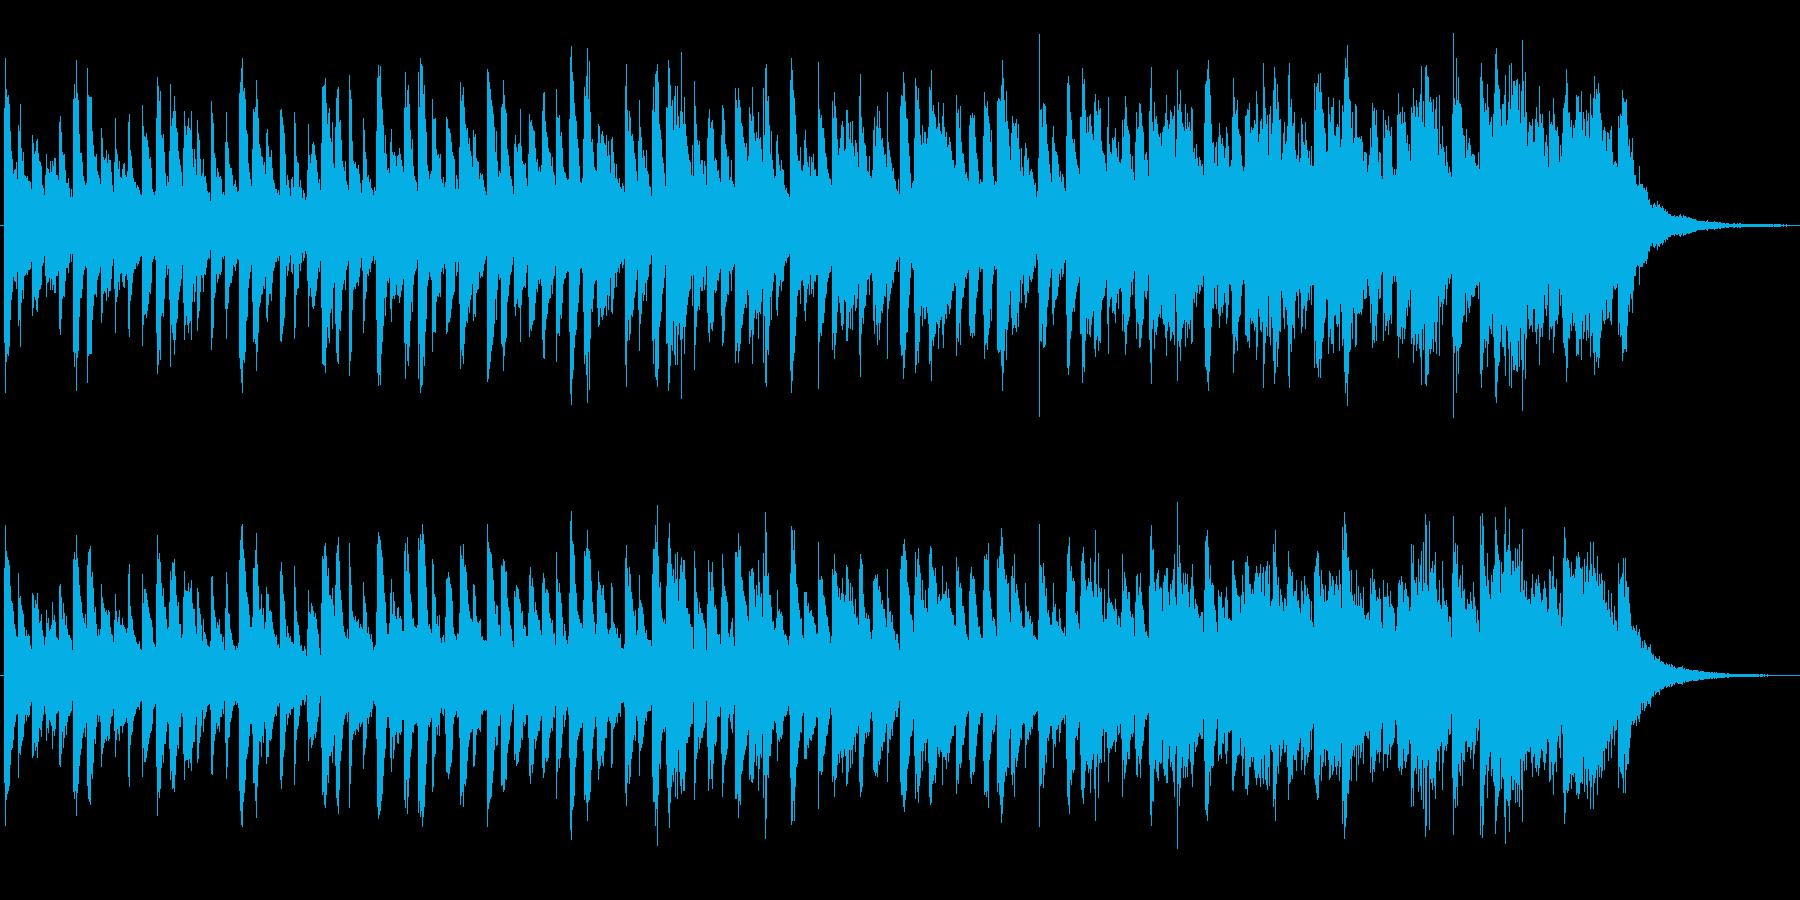 エスニック風のシンセジングルの再生済みの波形